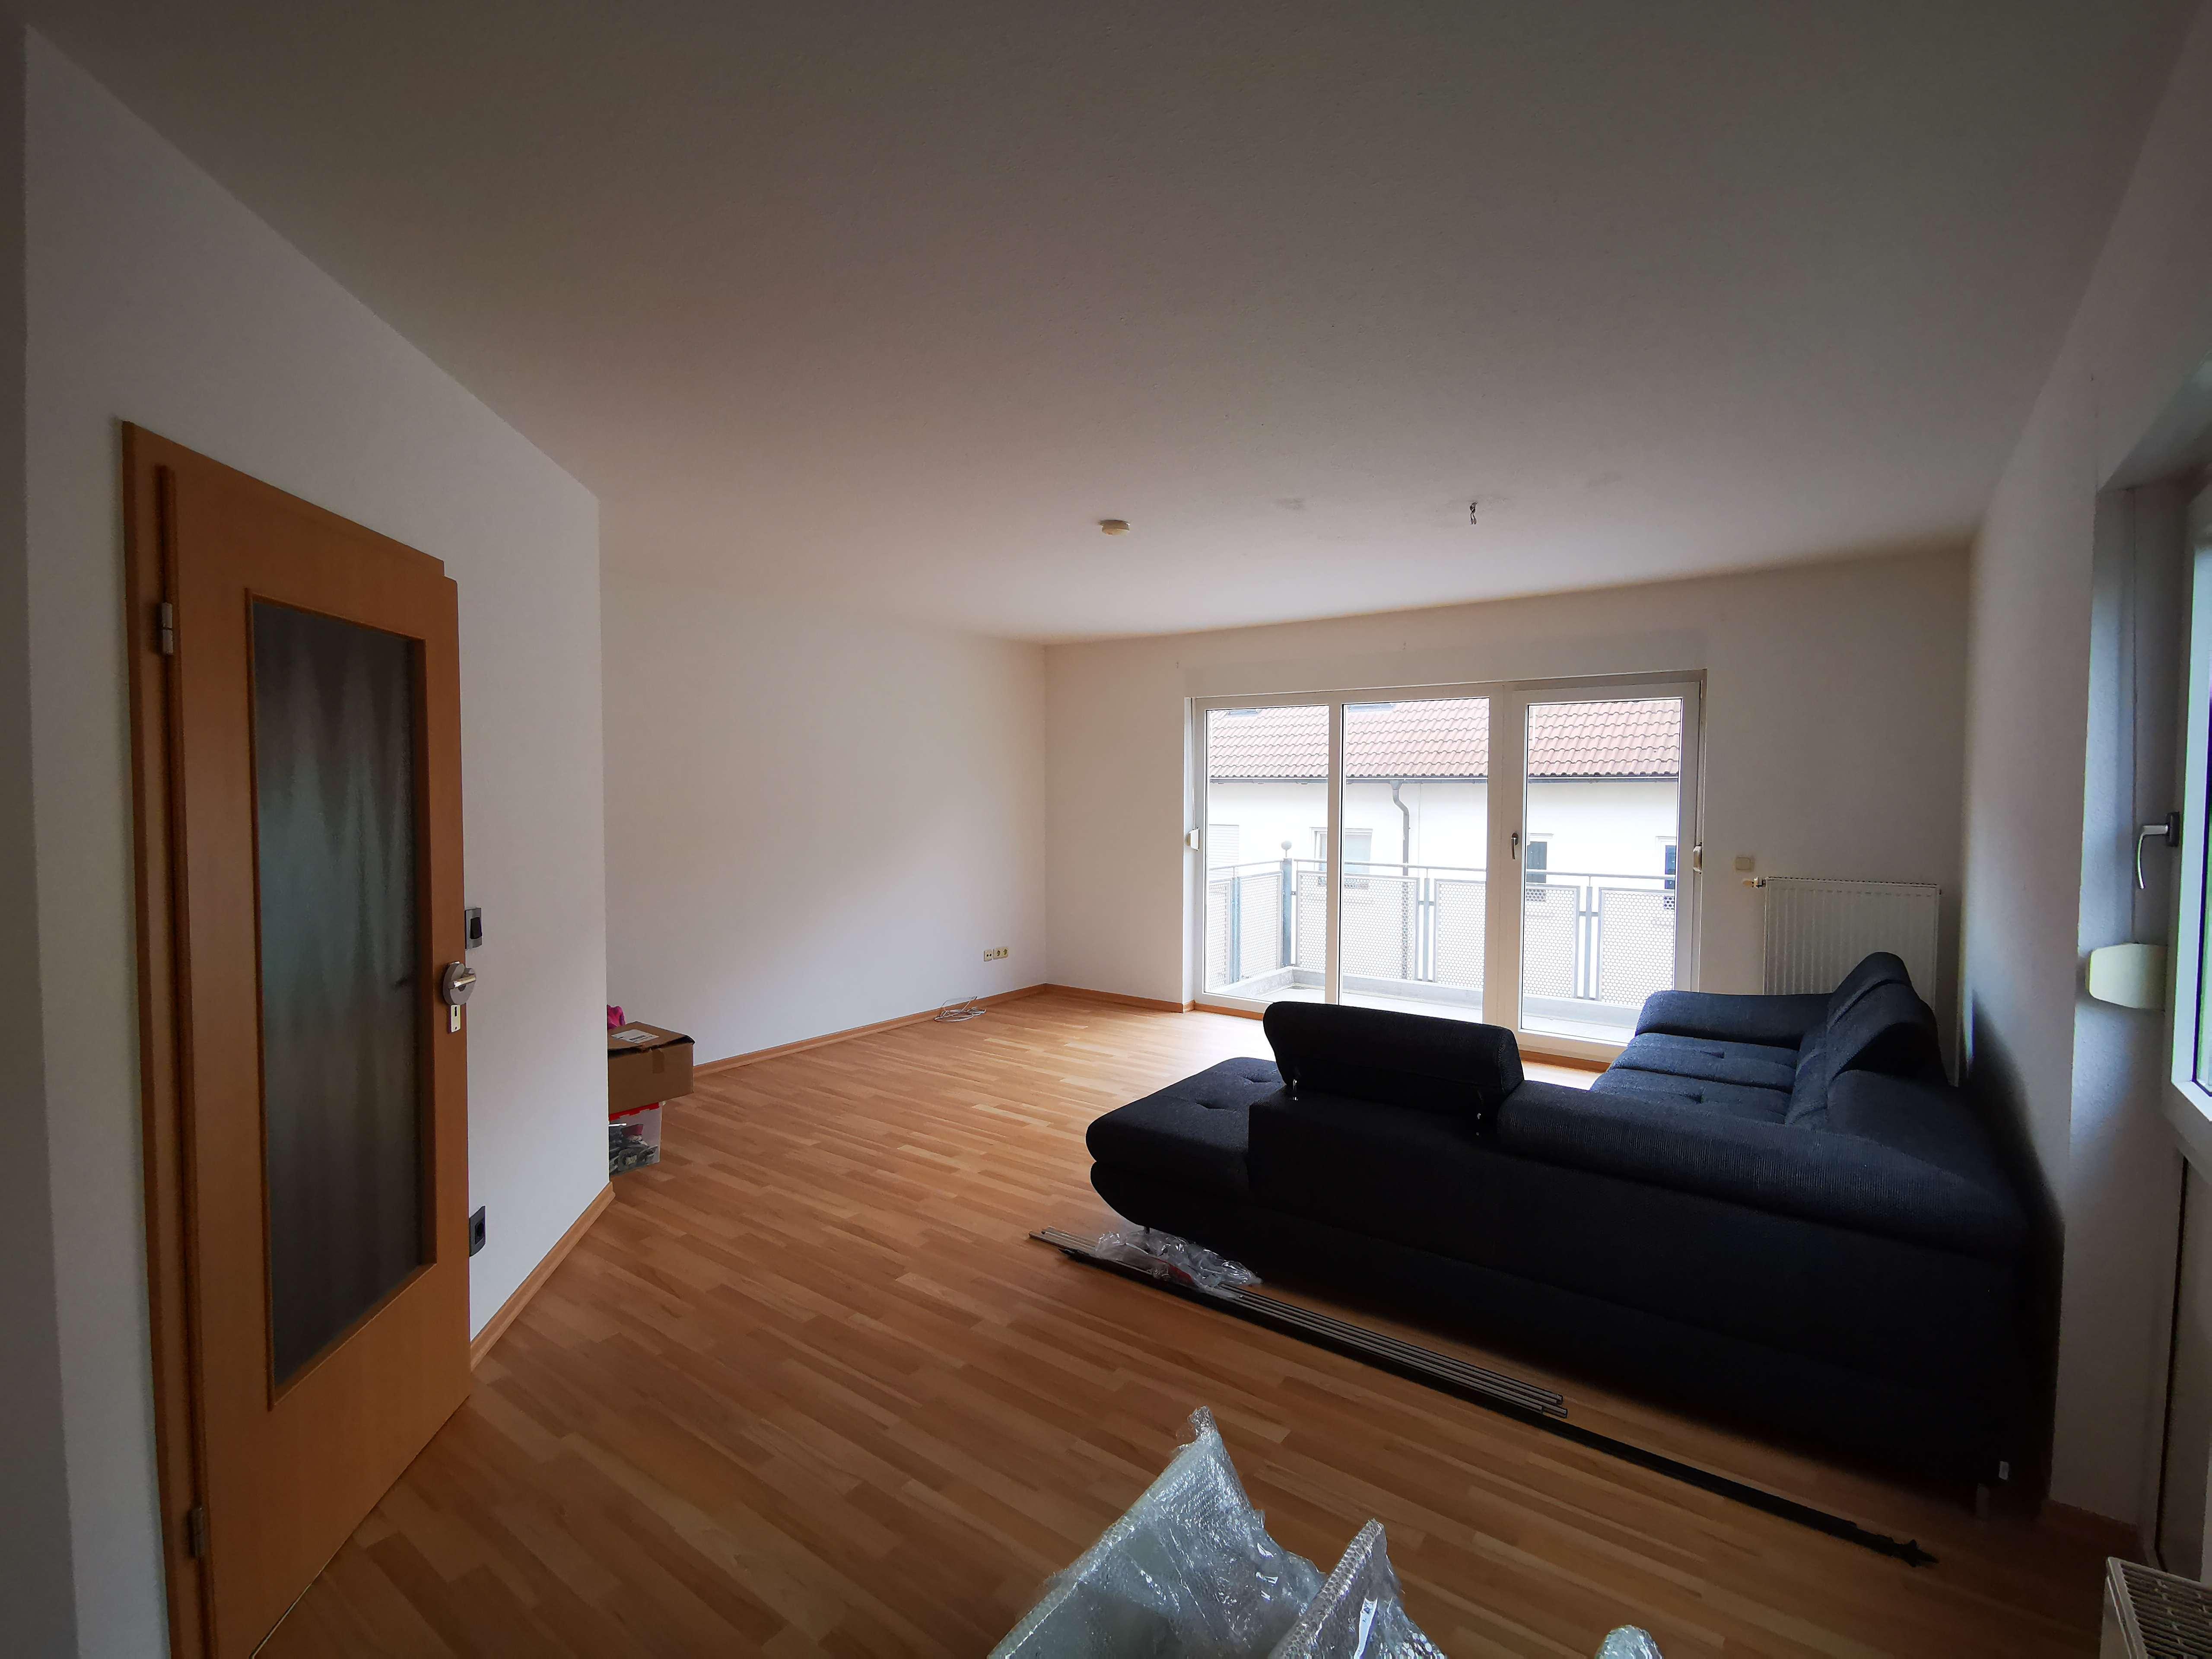 Fürth - Junges Wohnen - 4 Zimmerwhg. auf 2 Etagen mit Balkon und TG in